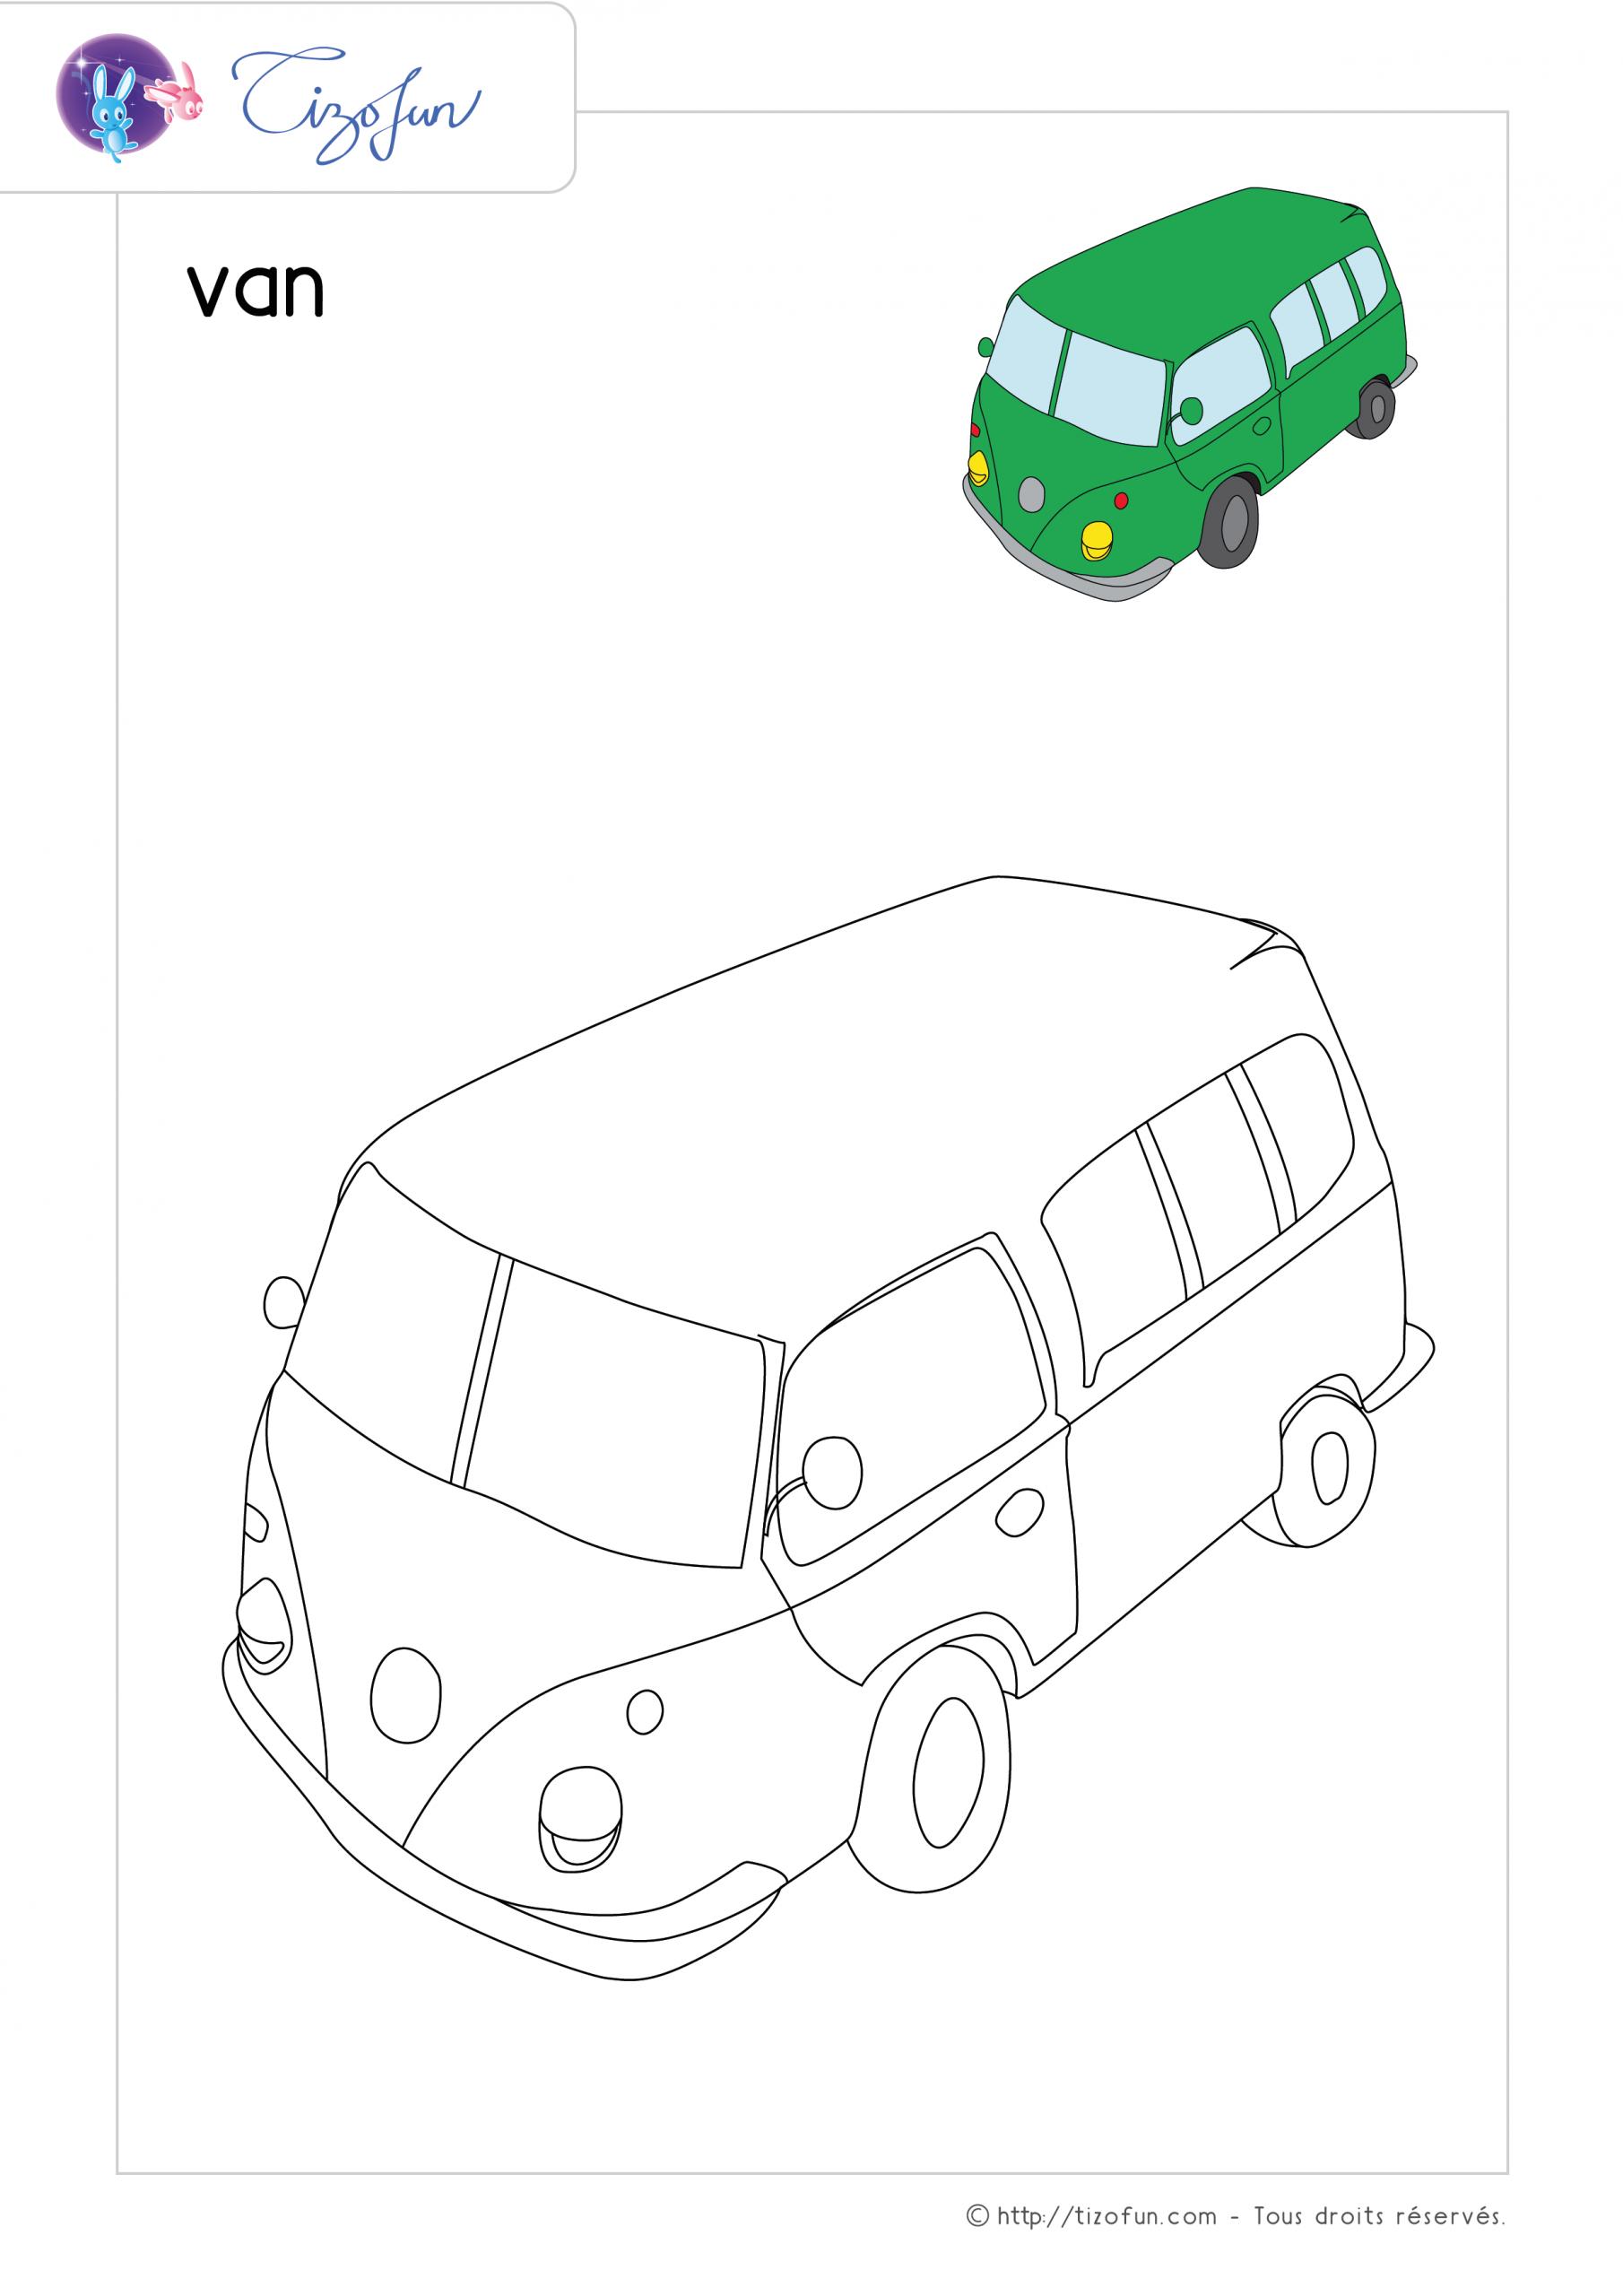 Coloriage-Transport-Dessin-Van | Coloriage À Imprimer dedans Coloriage Aspirateur